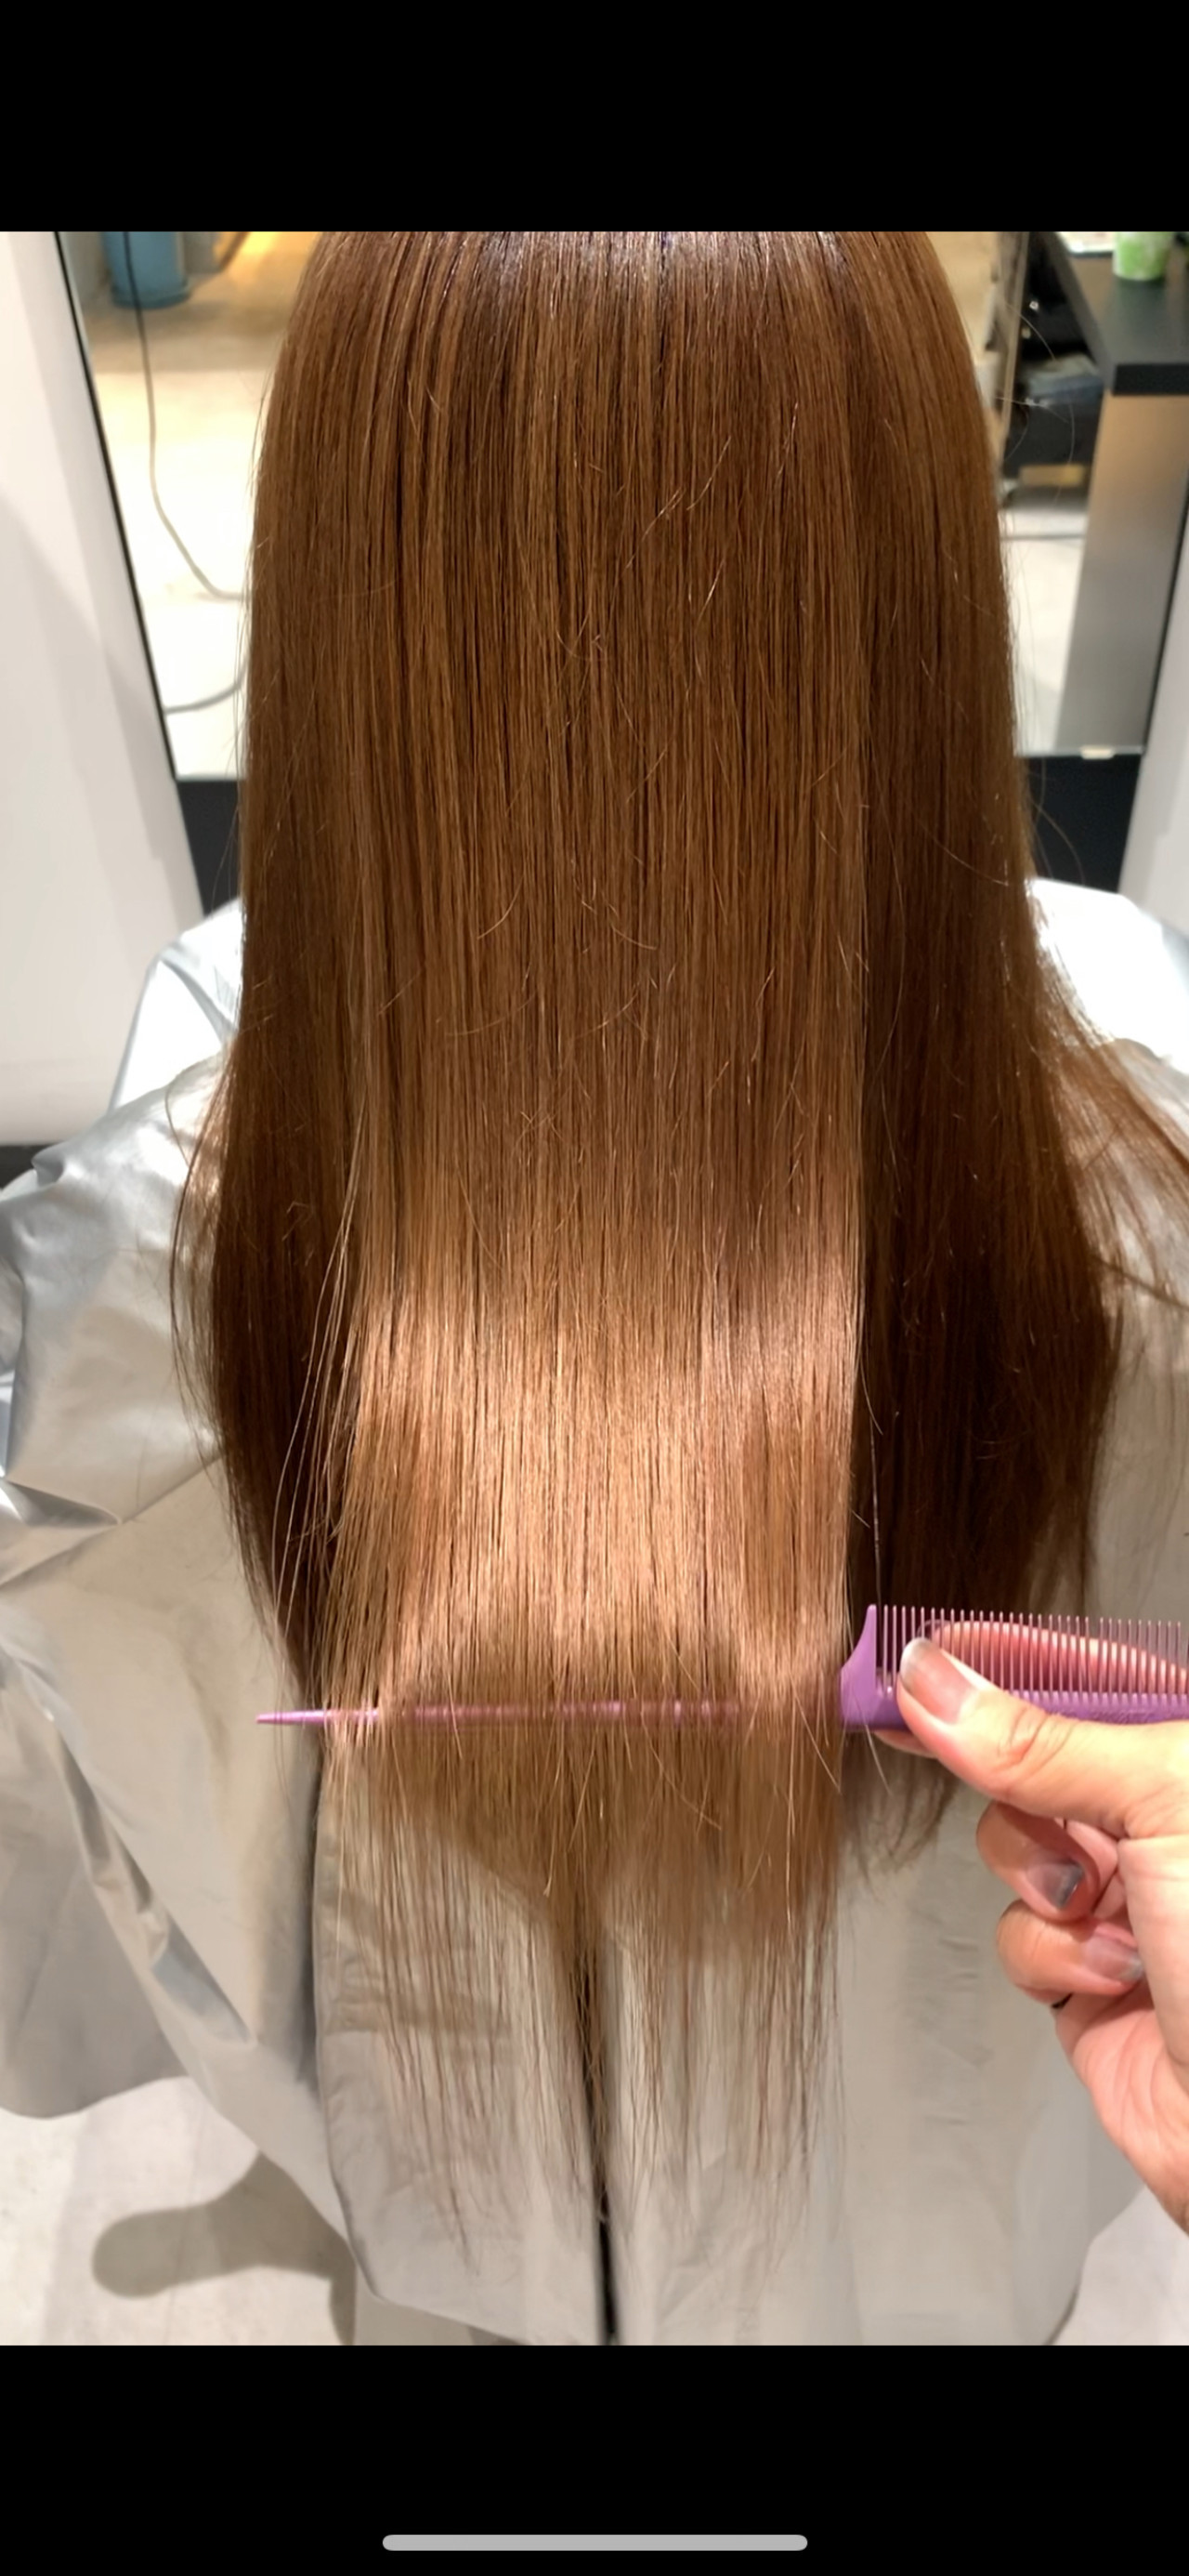 ロング トリートメント ツヤ髪 ストレート ヘアスタイルや髪型の写真・画像